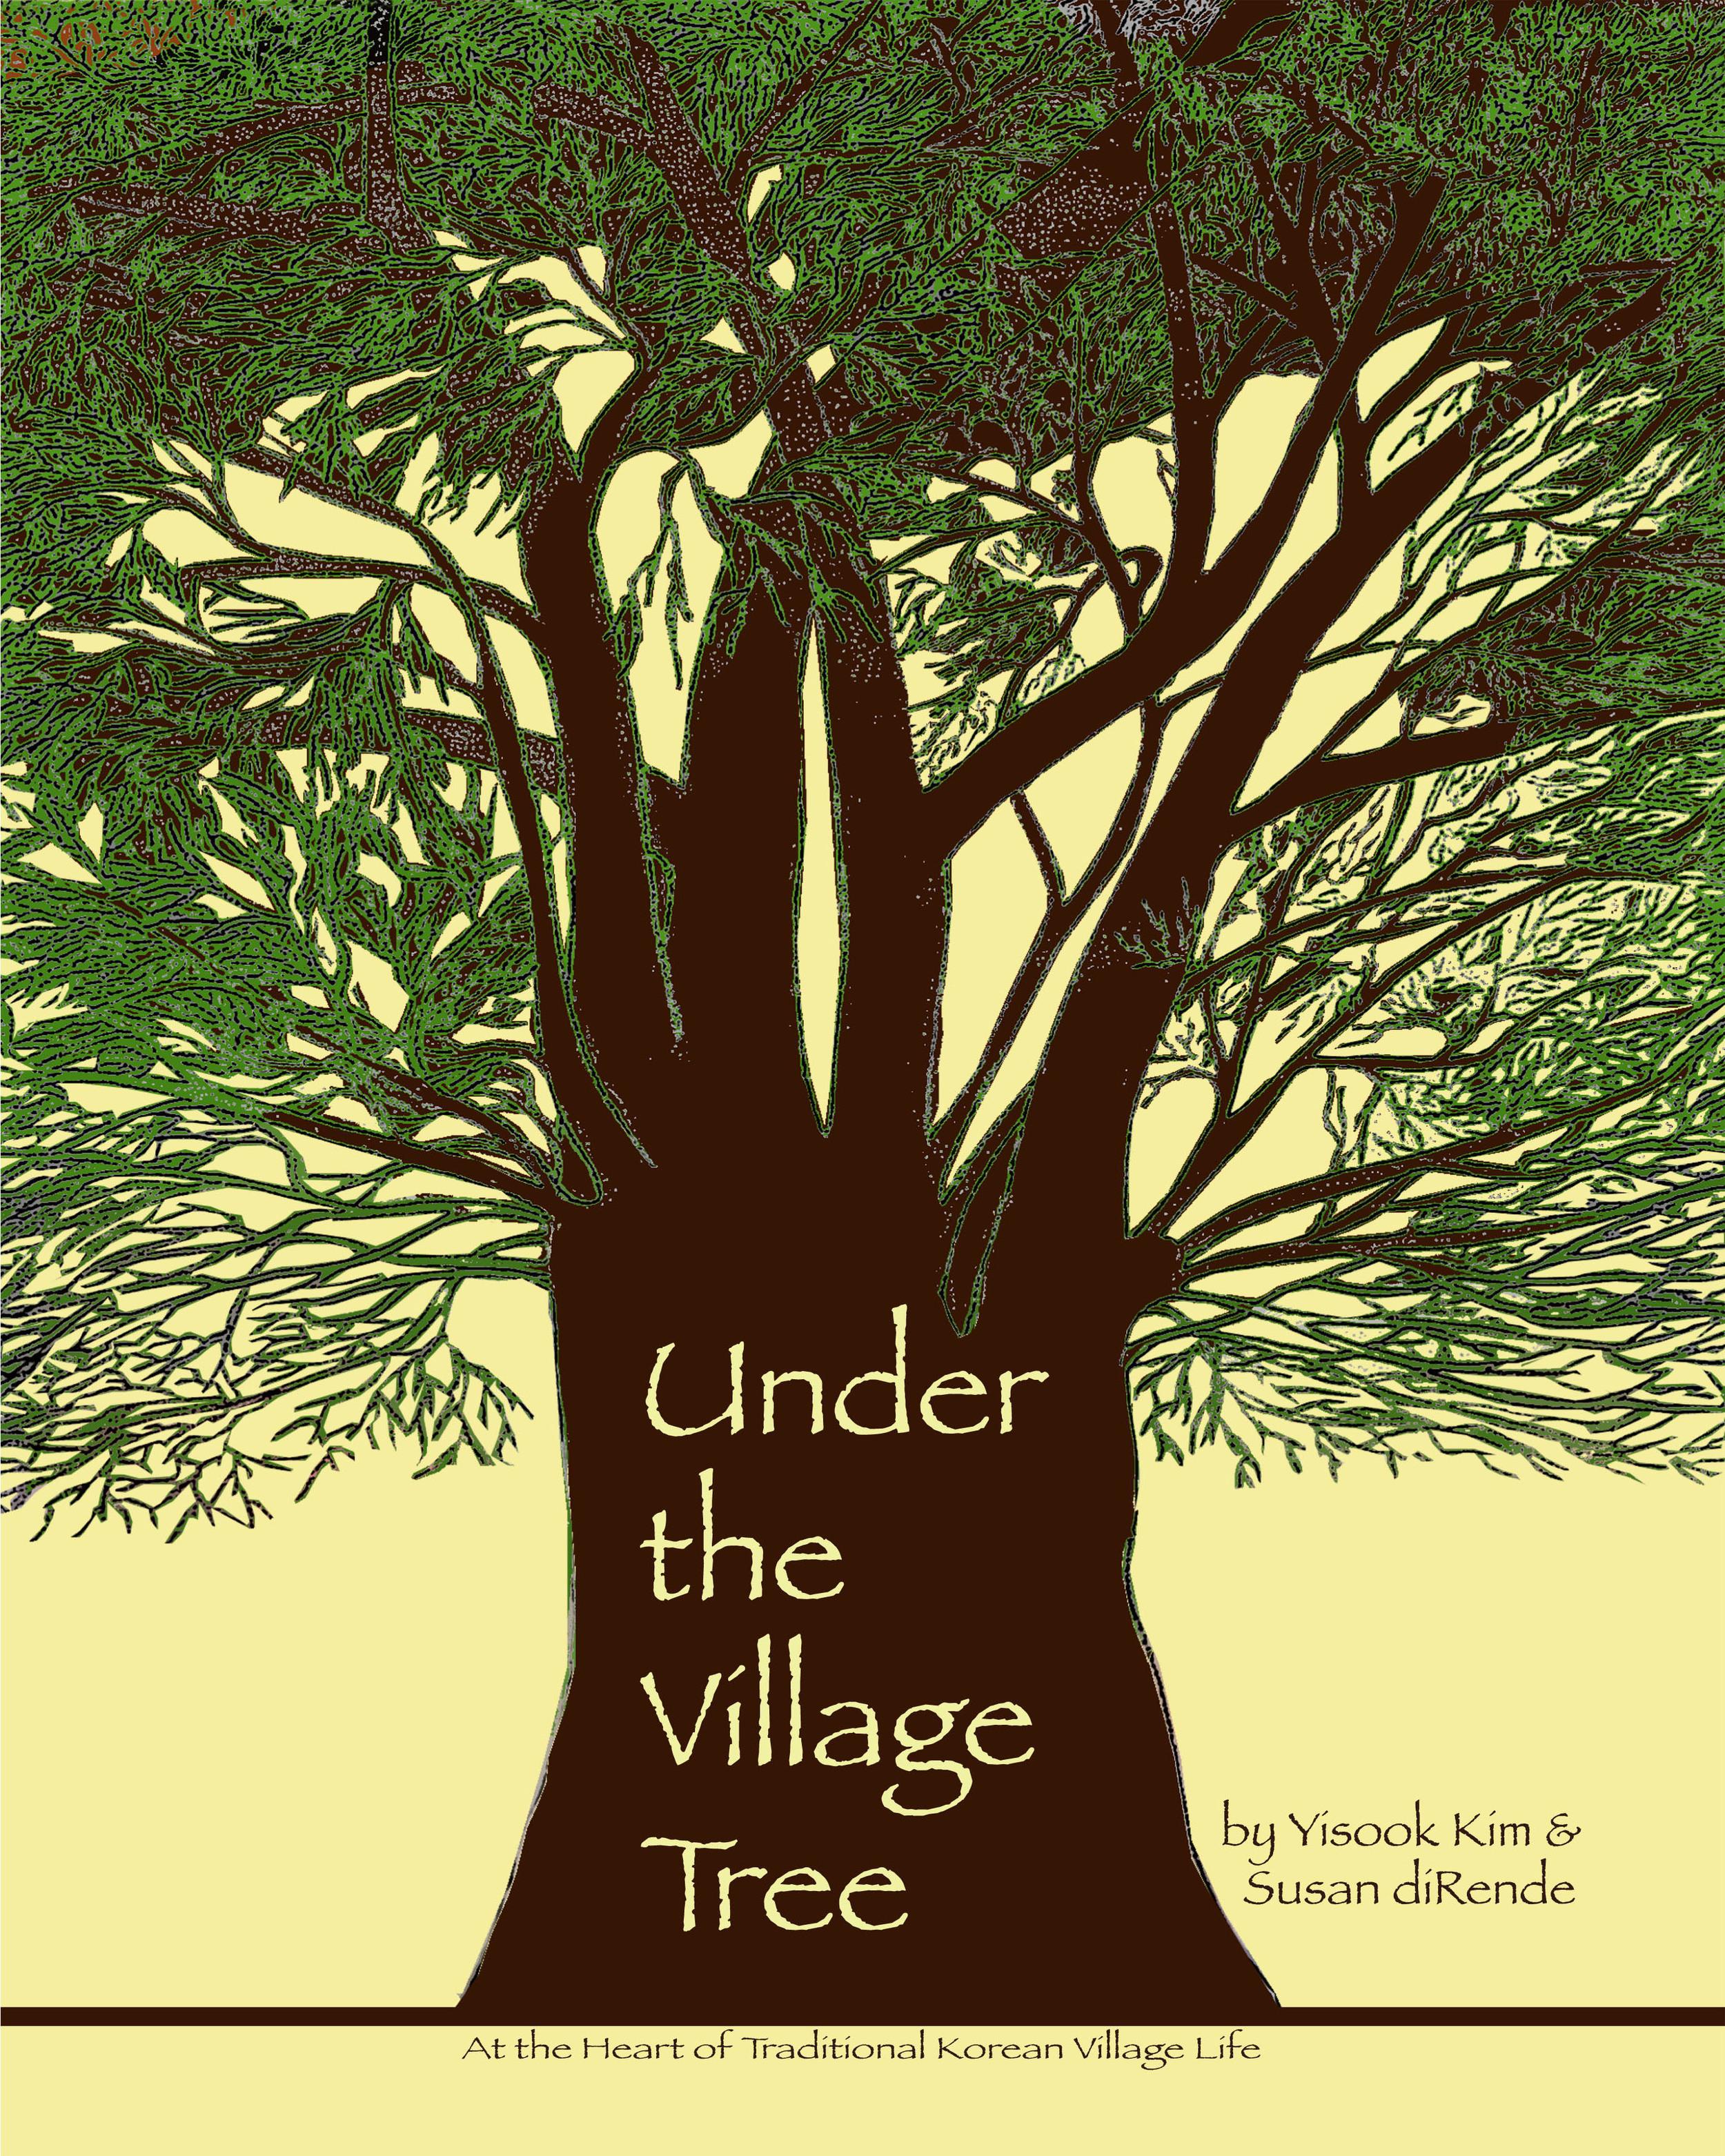 under-the-village-tree-by-susan-dirende.jpg